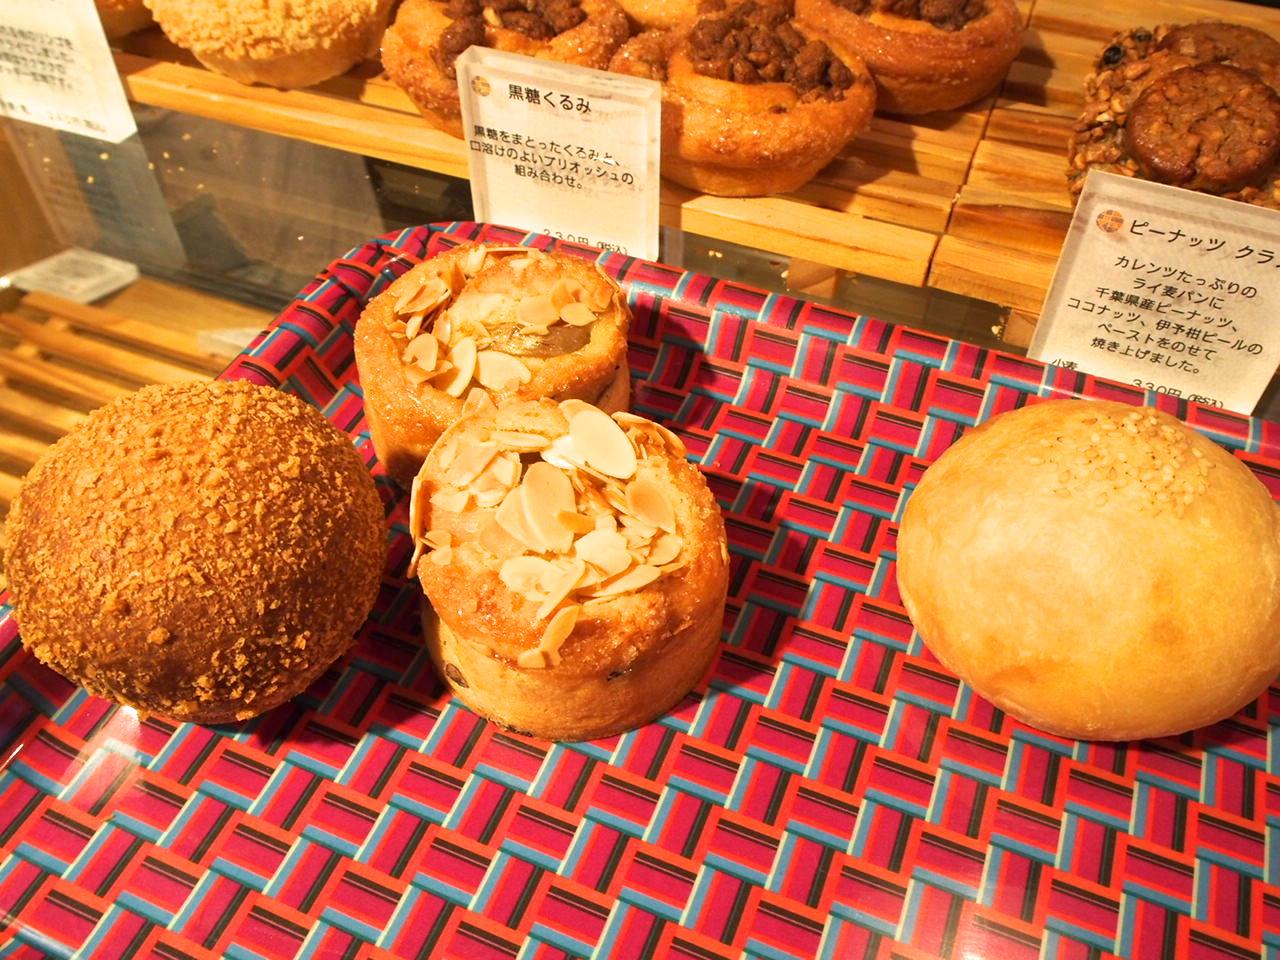 白こしあんパンと夏野菜のカレーパンとバナナと夏みかんのタルト